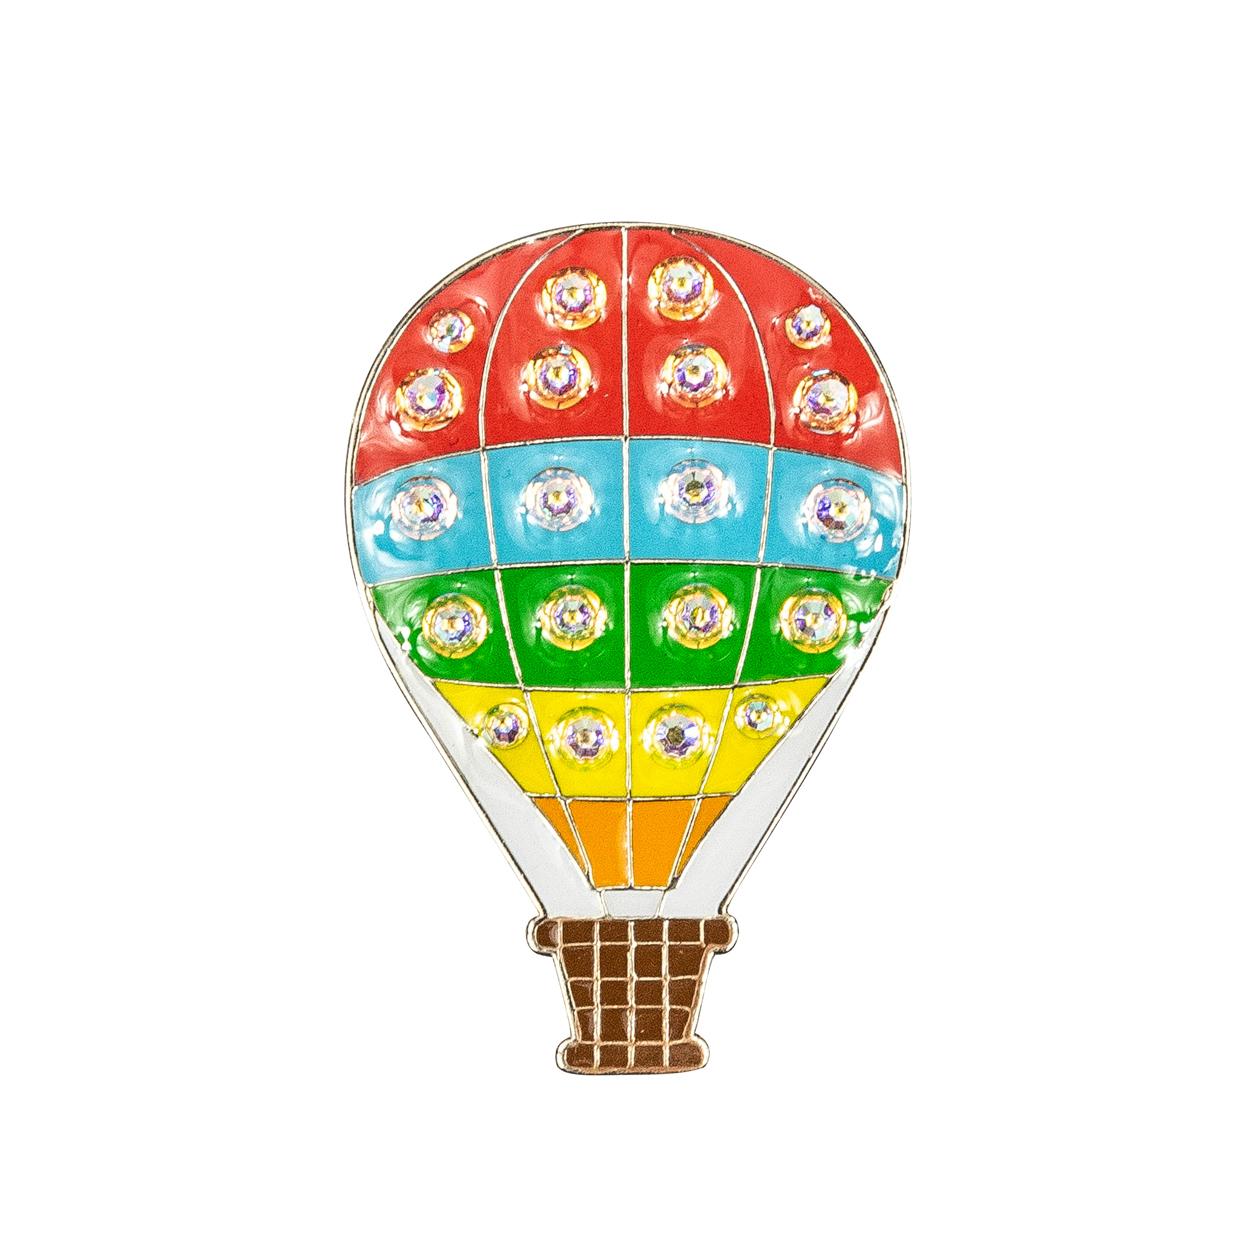 136. Hot Air Balloon